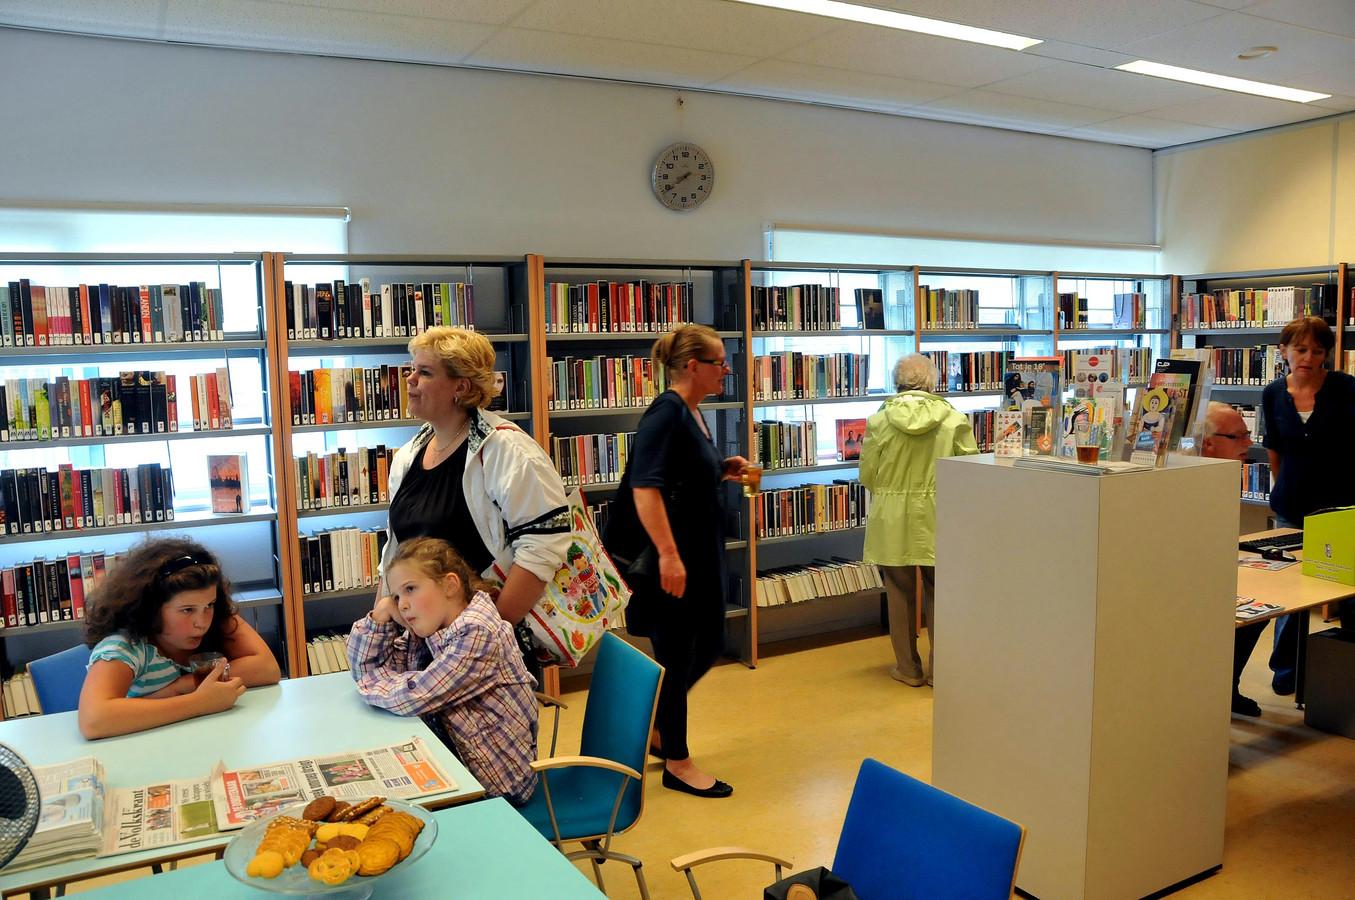 Bibliotheek Lunenhof in Zwijndrecht op archiefbeeld.